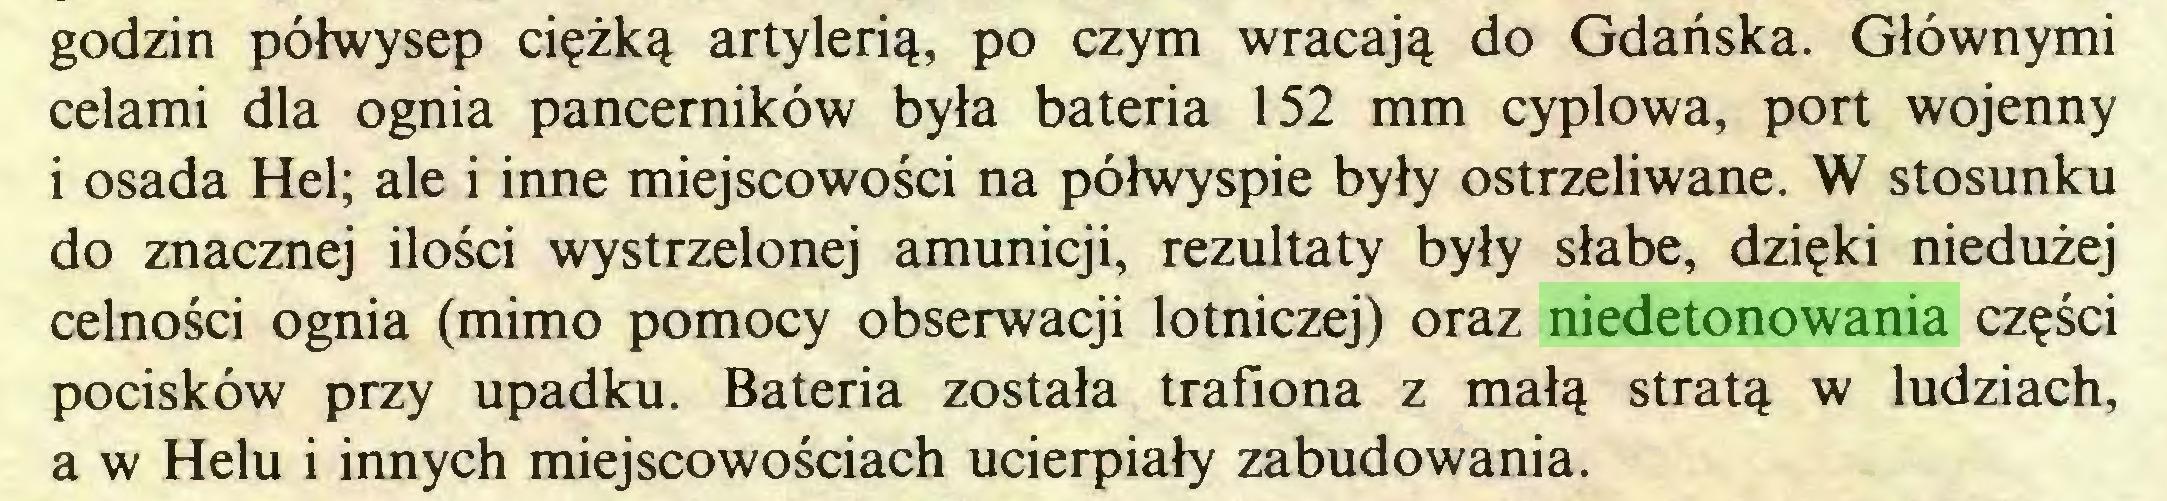 (...) godzin półwysep ciężką artylerią, po czym wracają do Gdańska. Głównymi celami dla ognia pancerników była bateria 152 mm cyplowa, port wojenny i osada Hel; ale i inne miejscowości na półwyspie były ostrzeliwane. W stosunku do znacznej ilości wystrzelonej amunicji, rezultaty były słabe, dzięki niedużej celności ognia (mimo pomocy obserwacji lotniczej) oraz niedetonowania części pocisków przy upadku. Bateria została trafiona z małą stratą w ludziach, a w Helu i innych miejscowościach ucierpiały zabudowania...